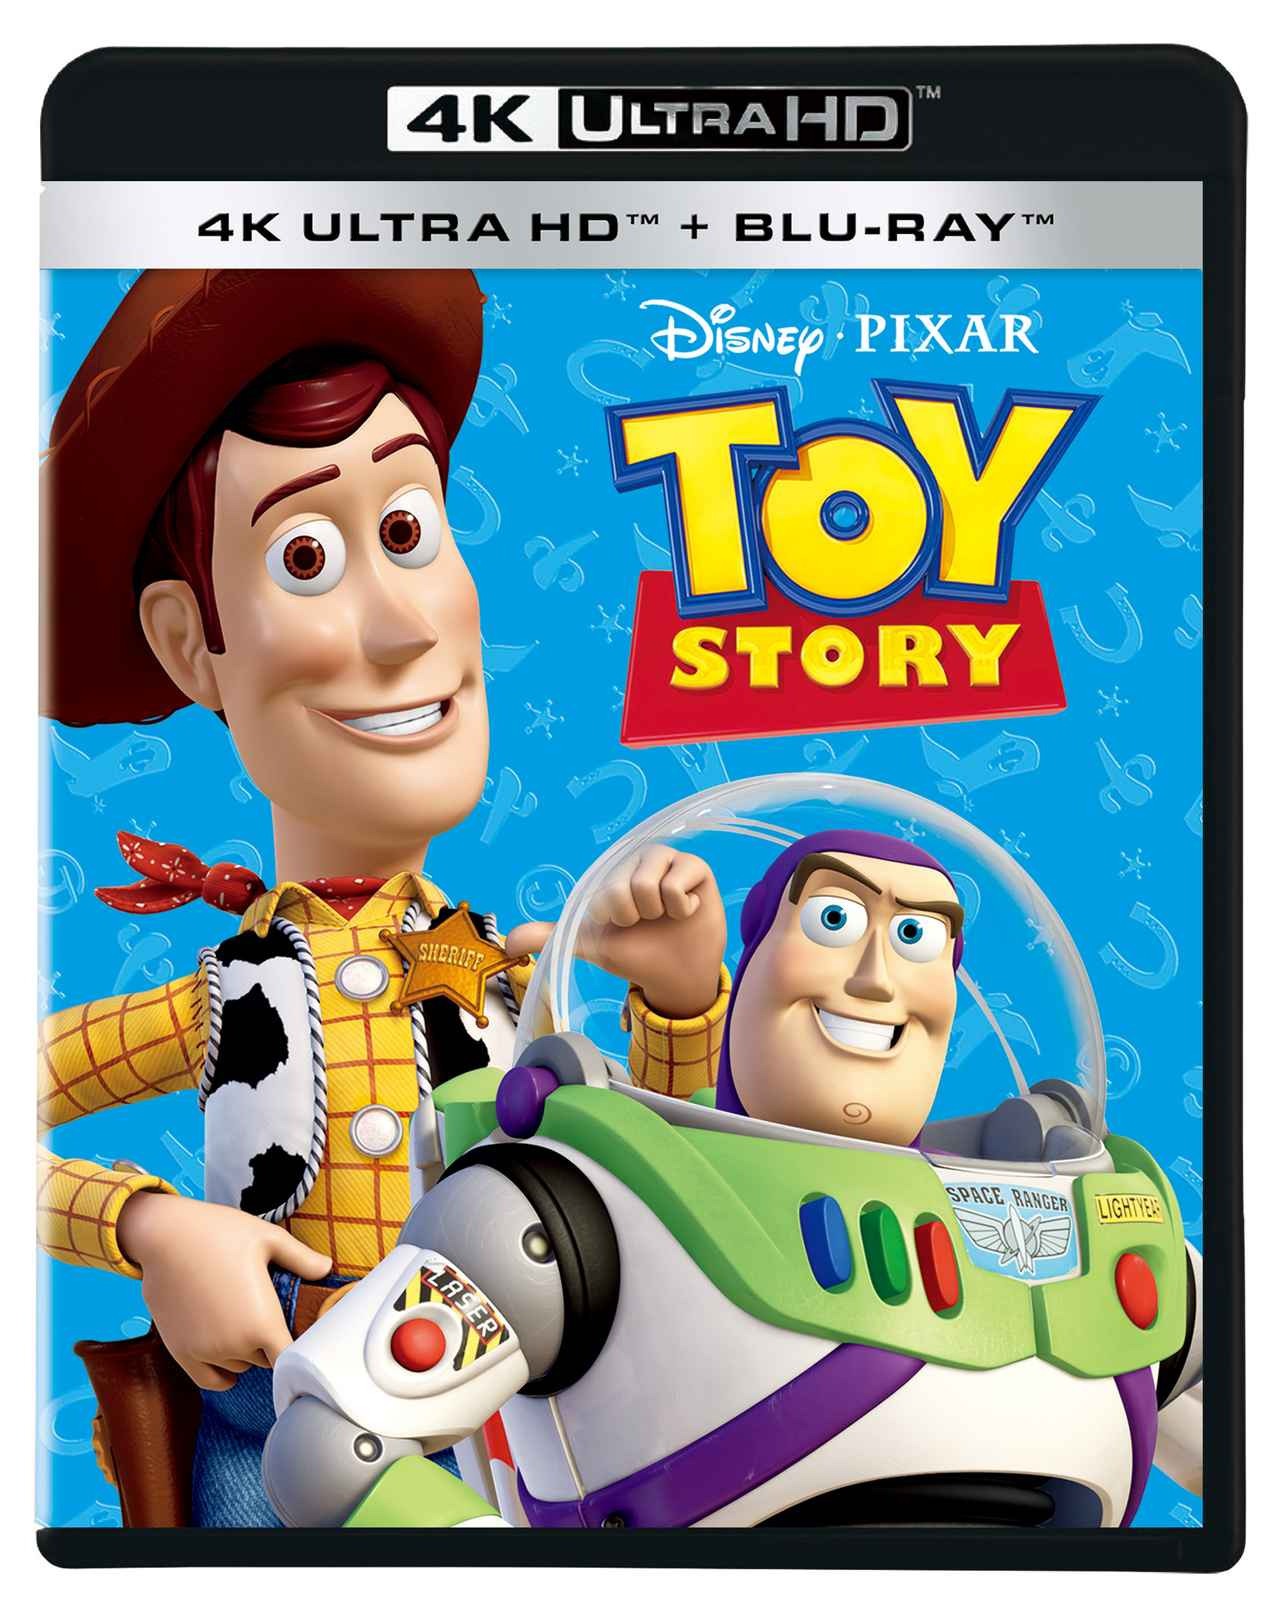 画像: 「トイ・ストーリー」 4K UHD 2019年6月19日発売 MovieNEX発売中、デジタル配信中 発売元:ウォルト・ディズニー・ジャパン ©2019 Disney/Pixar